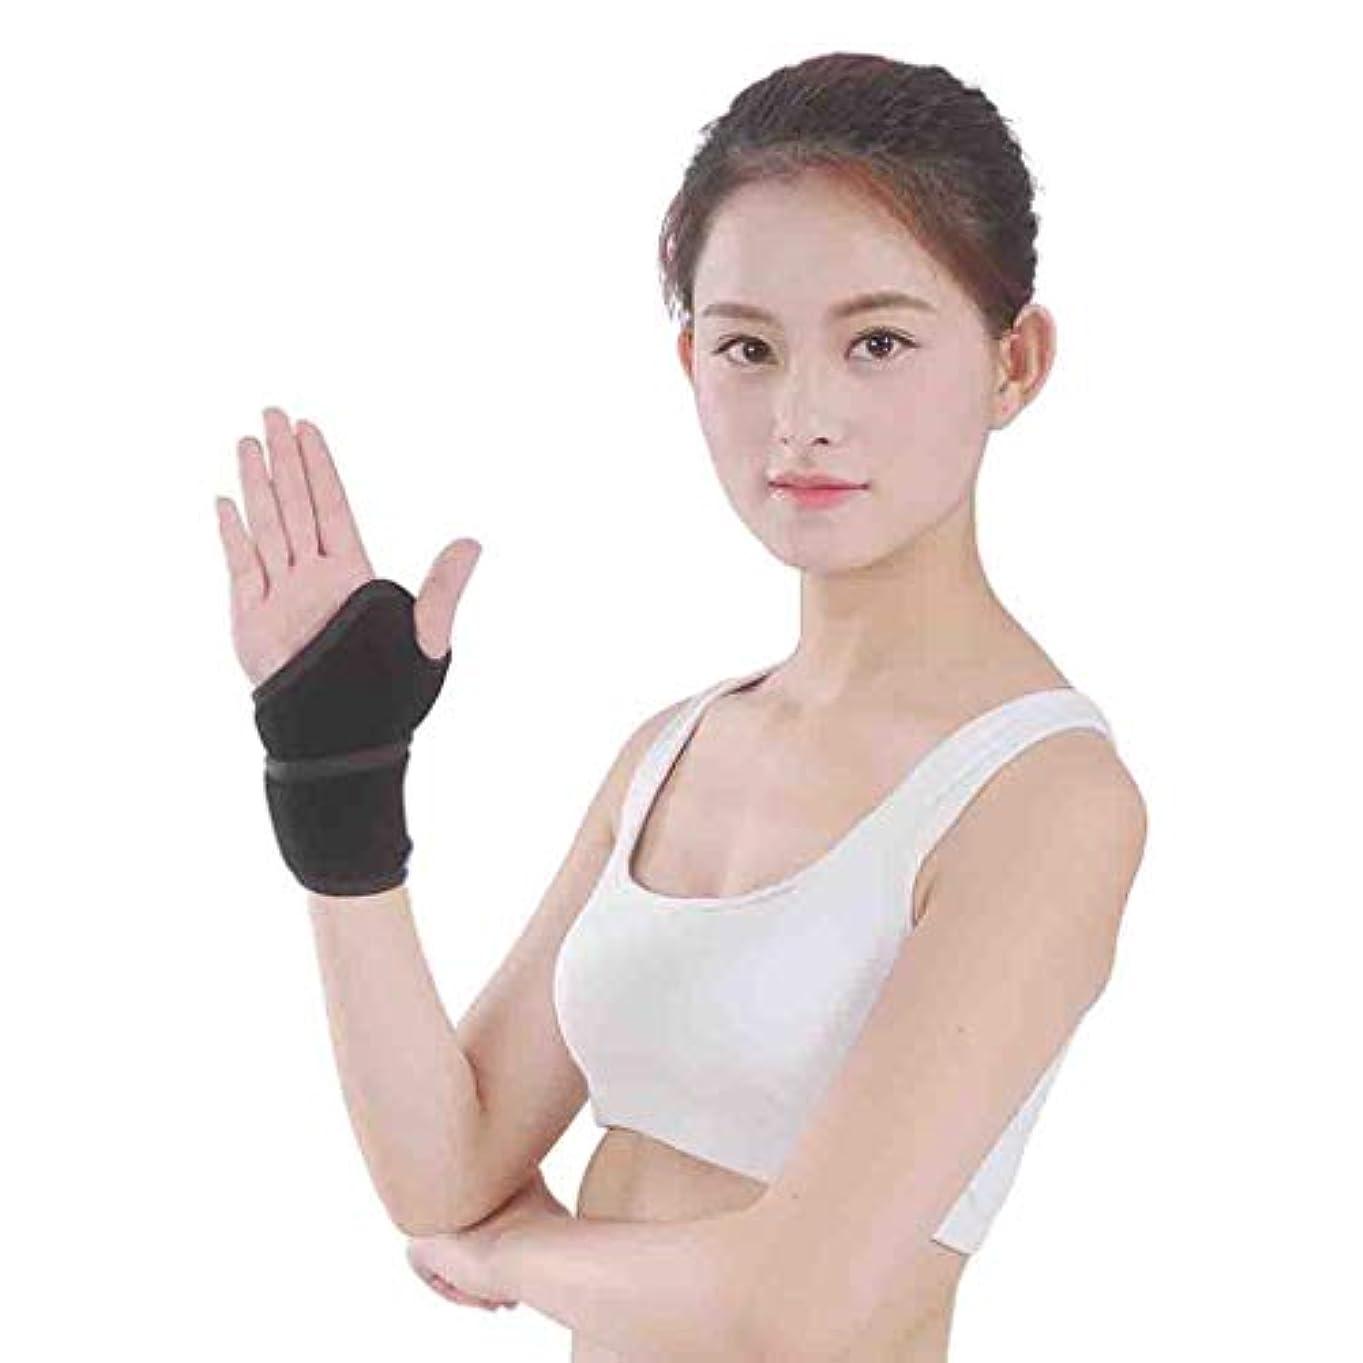 耐久天窓シリアル関節炎のための親指のスプリントベージュの親指のブレース関節炎や軟組織の傷害、軽量と通気性のための腱膜炎のリストバンド Roscloud@